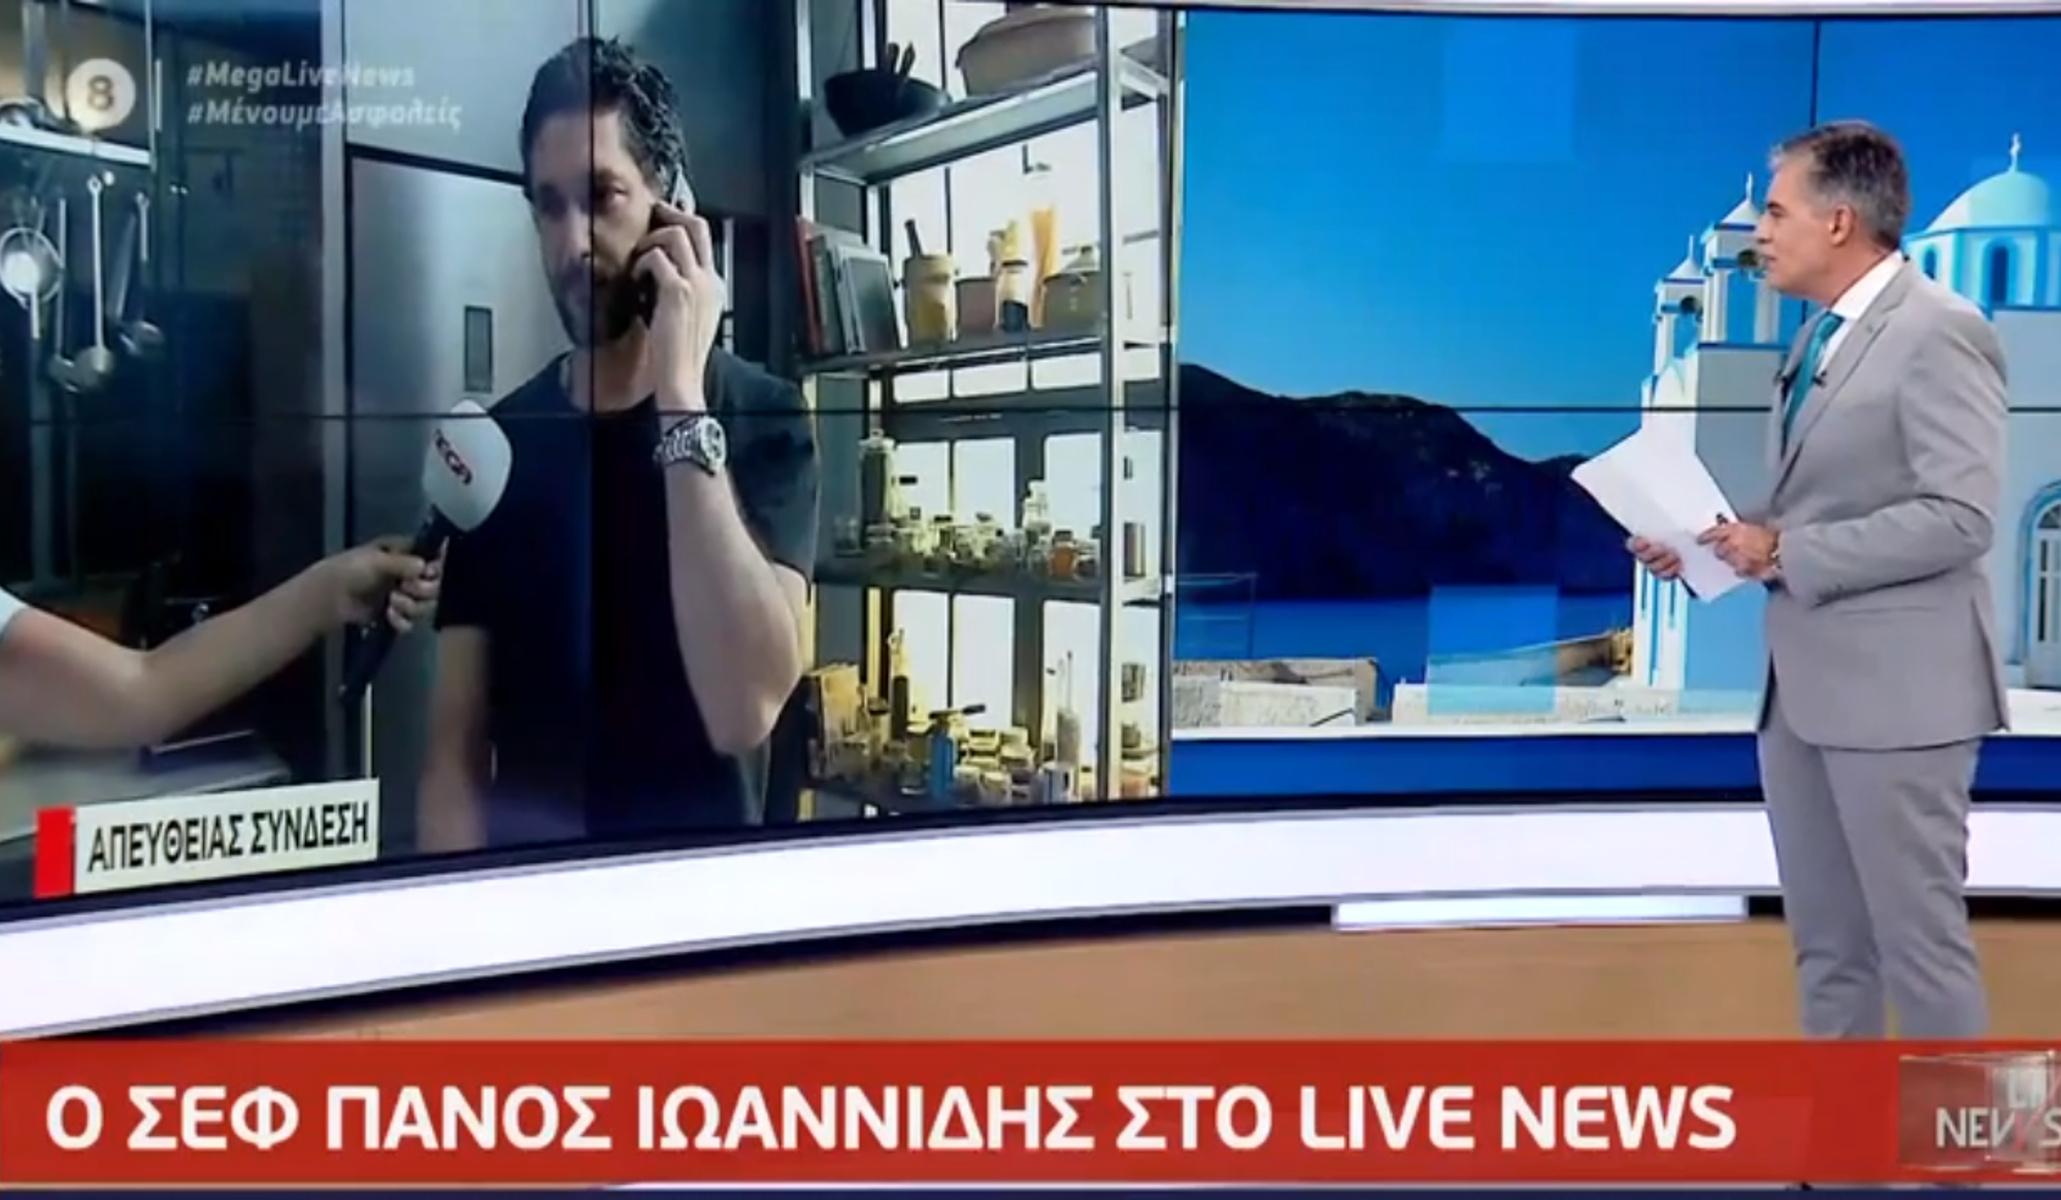 Ο Πάνος Ιωαννίδης στο Live News: «Τα μικρά μαγαζιά του κέντρου θα πληγούν περισσότερο»